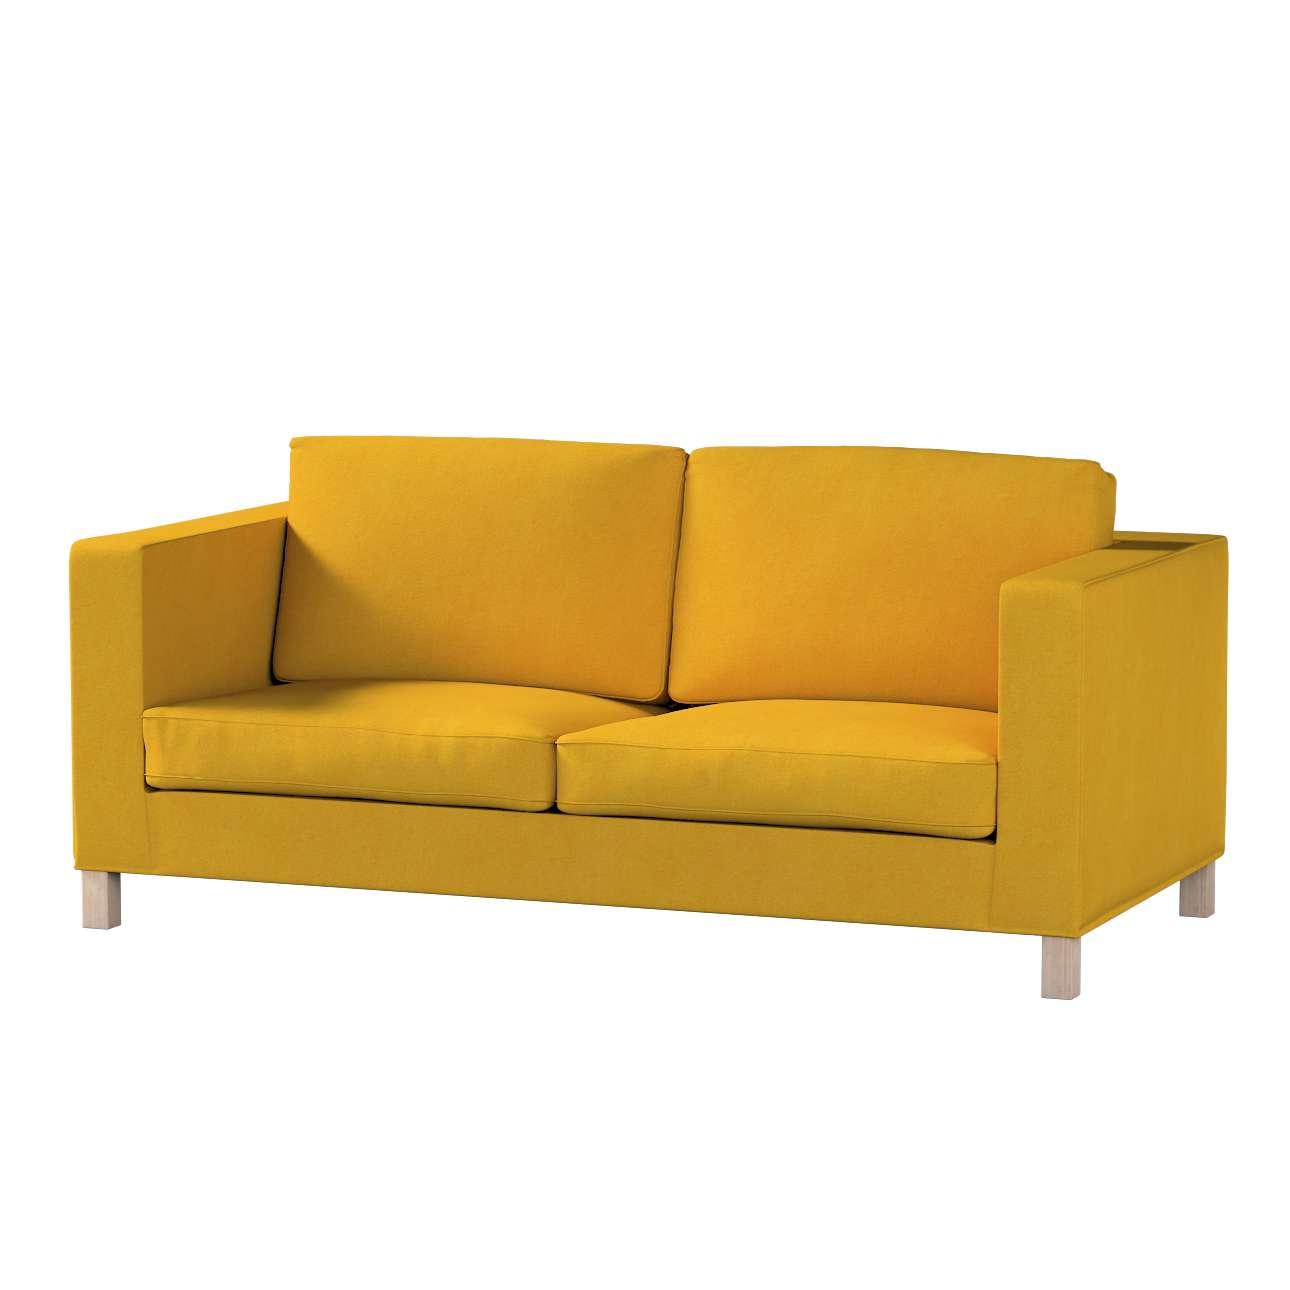 KARLANDA sofos lovos užvalkalas KARLANDA sofos lovos užvalkalas kolekcijoje Etna , audinys: 705-04